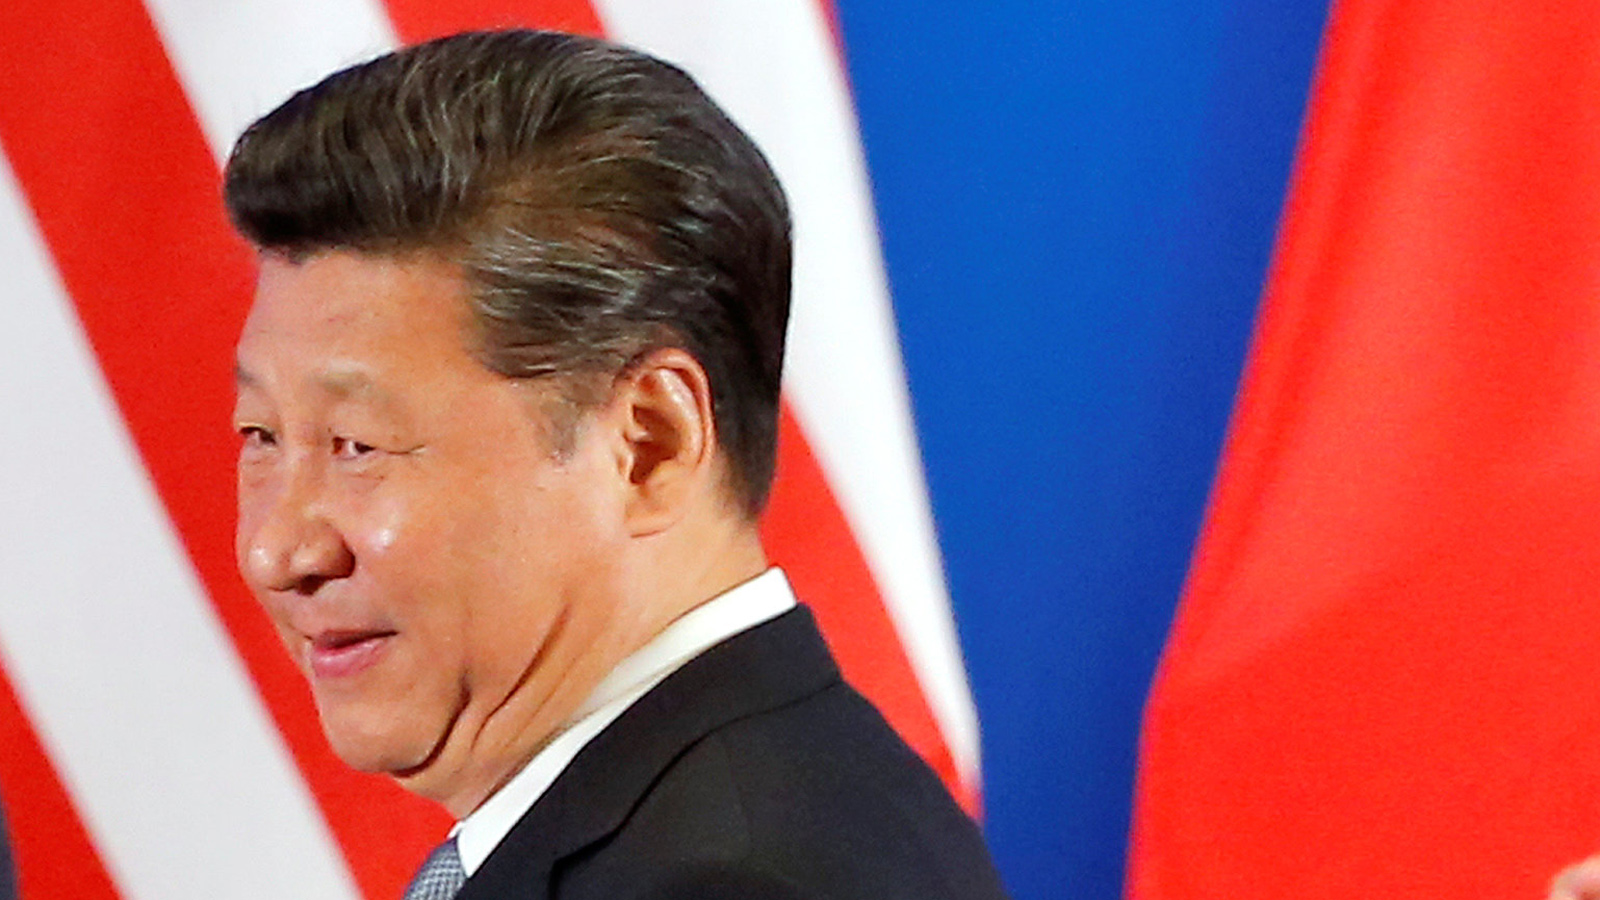 Cina Arahkan Sikap Menuju Globalisasi Inklusif